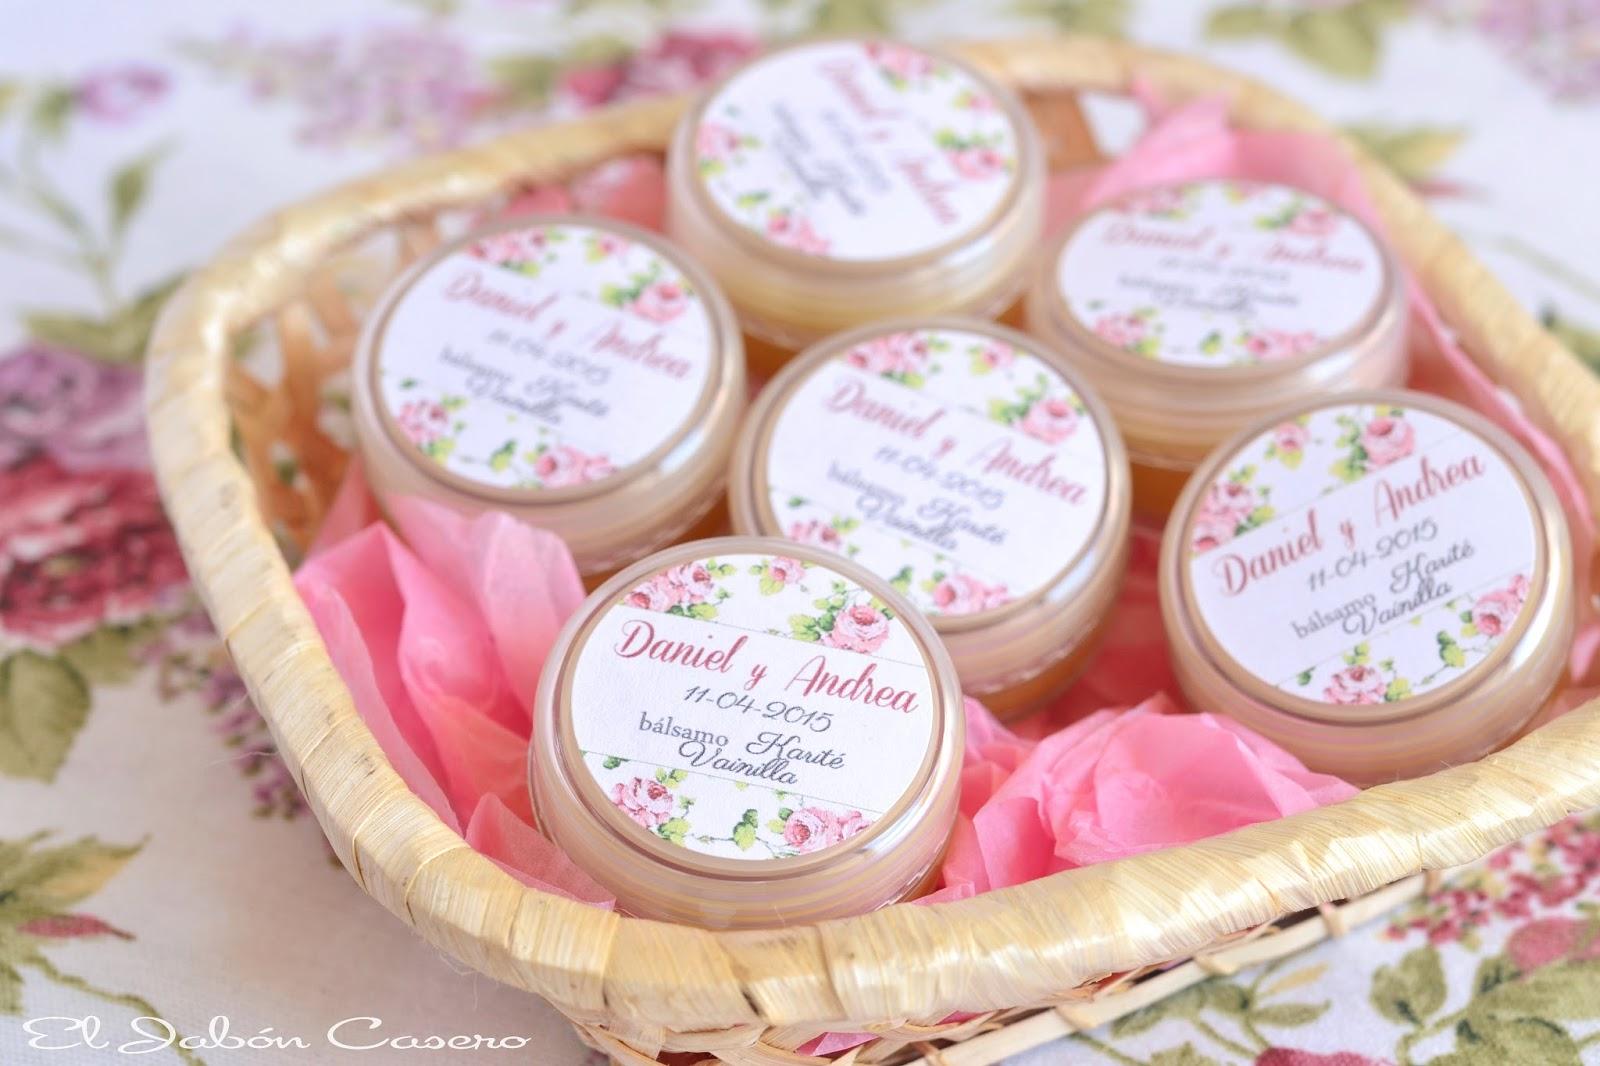 detalles de boda balsamos de vainilla